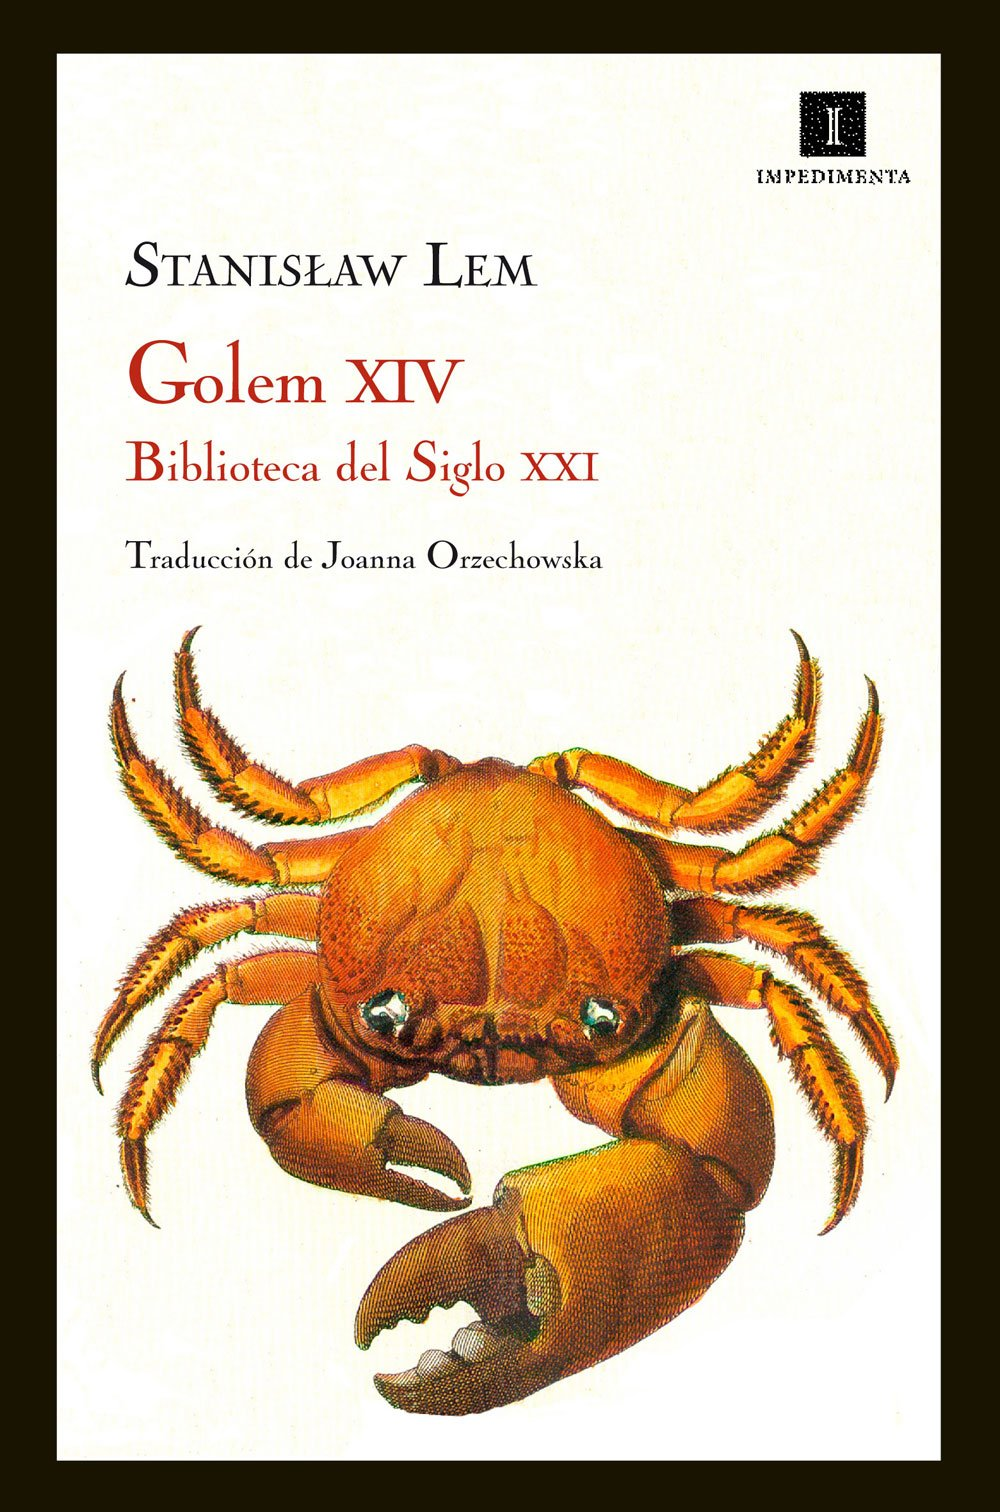 Golem XIV: Biblioteca del Siglo XXI (Impedimenta): Amazon.es: Stanislaw Lem, Joanna Orzechowska: Libros